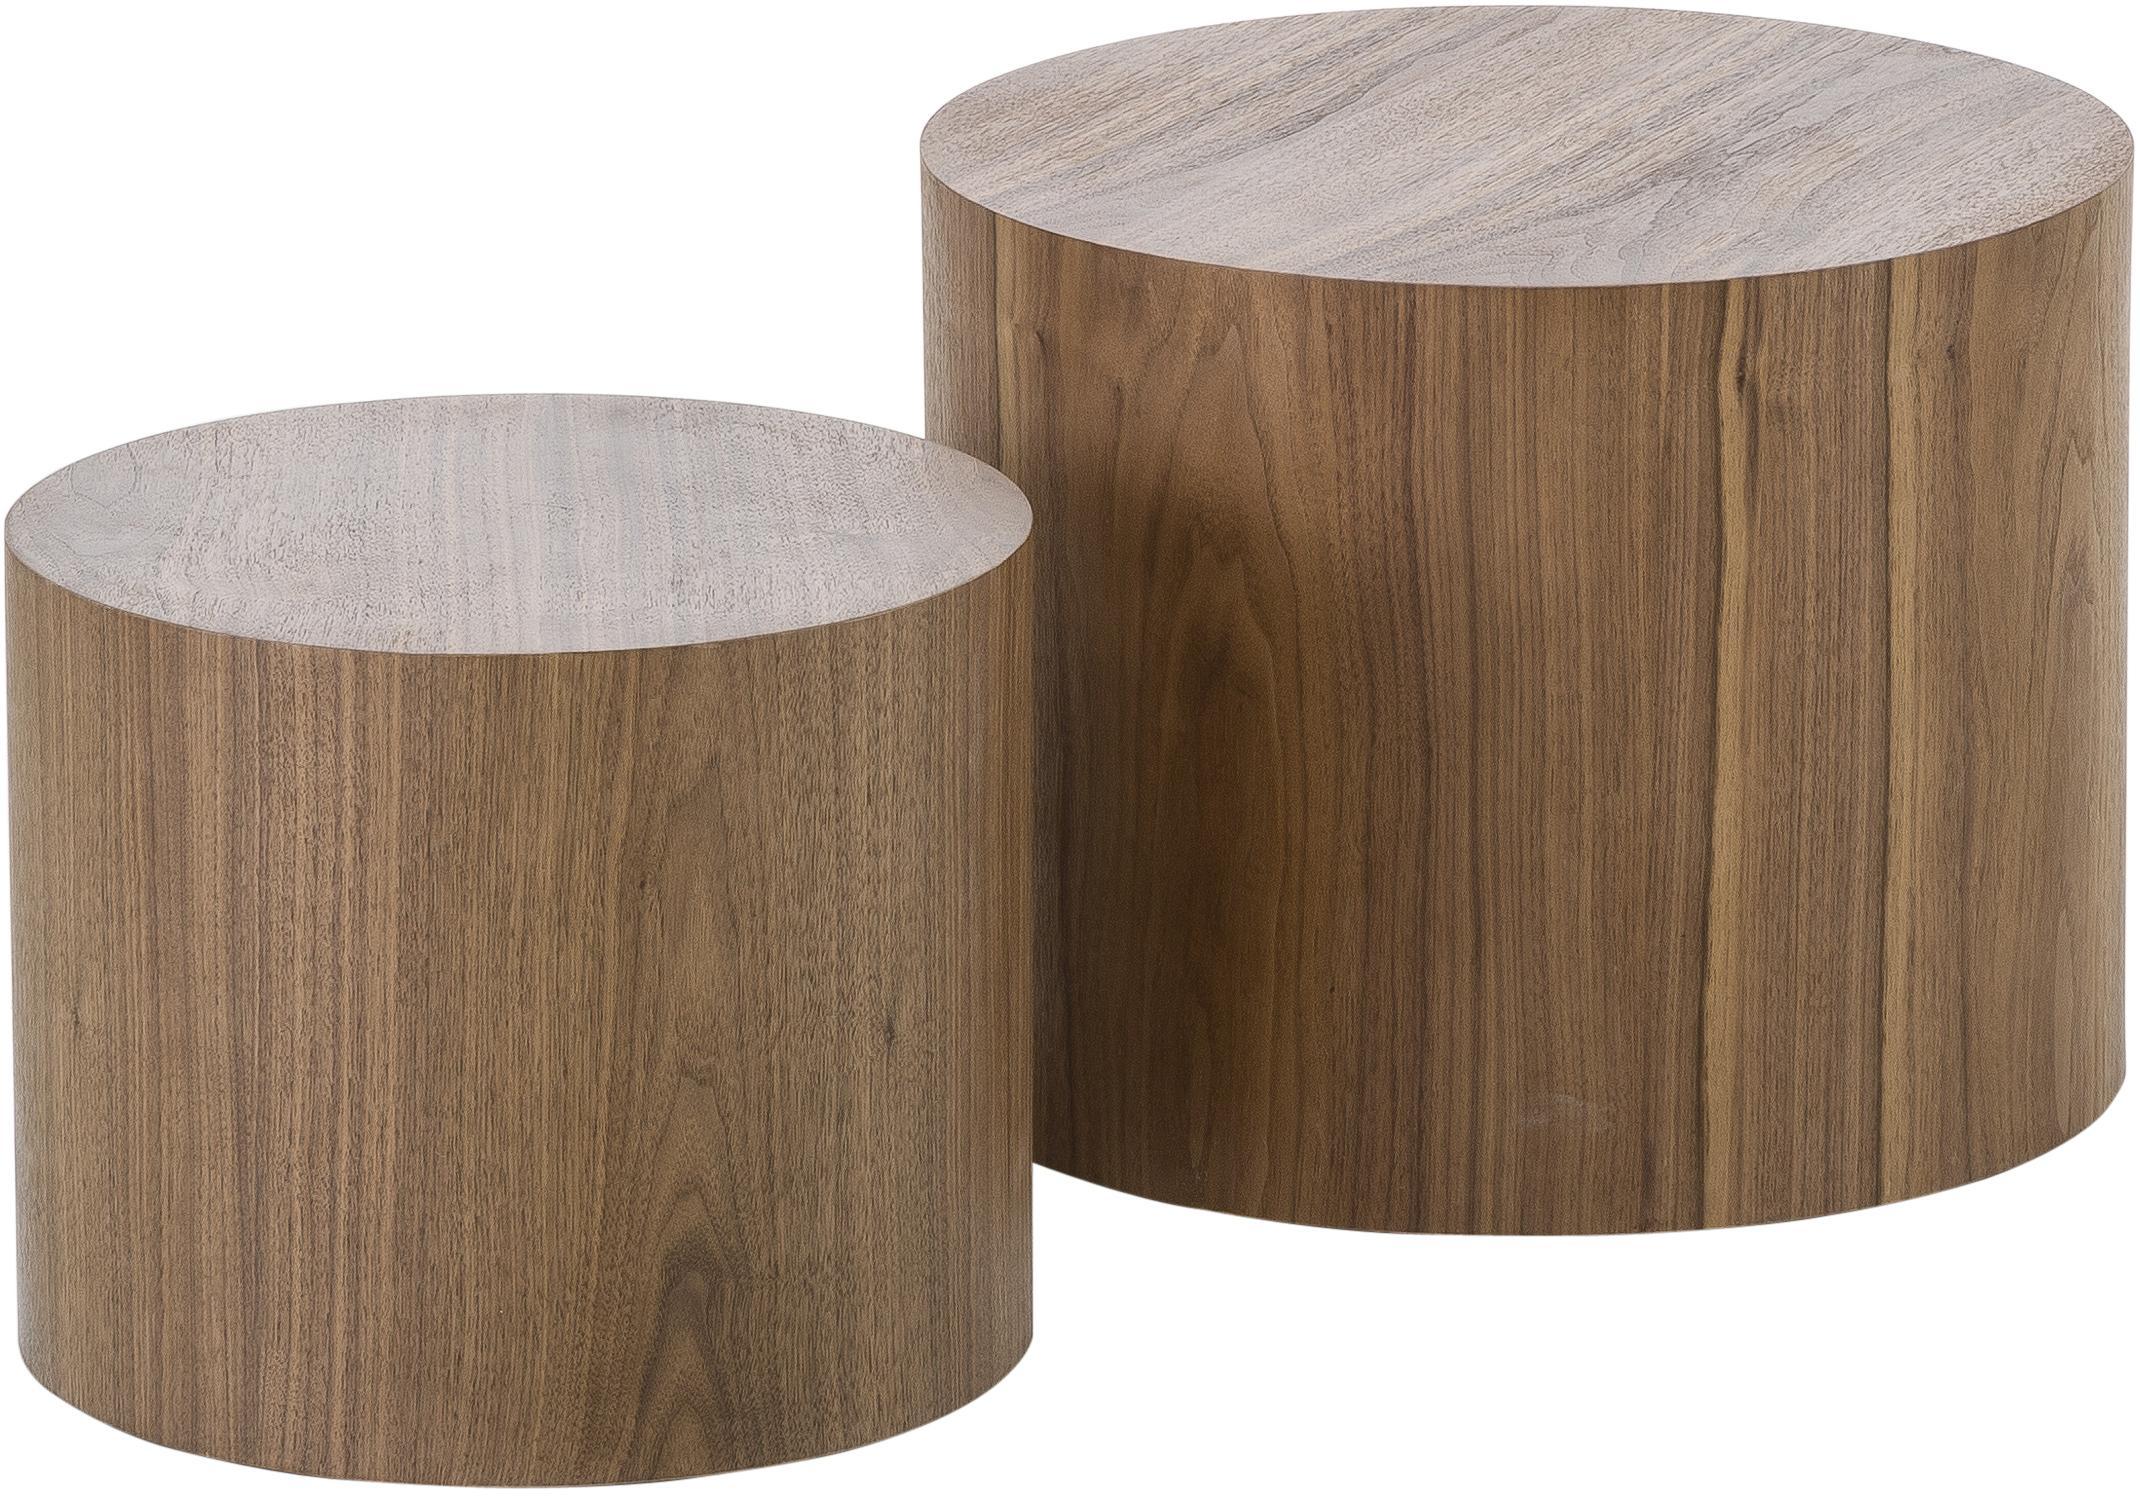 Set 2  tavolini in legno Dan, Pannello di fibra a media densità (MDF) con impiallacciatura di noce, Aspetto legno di noce, Set in varie misure